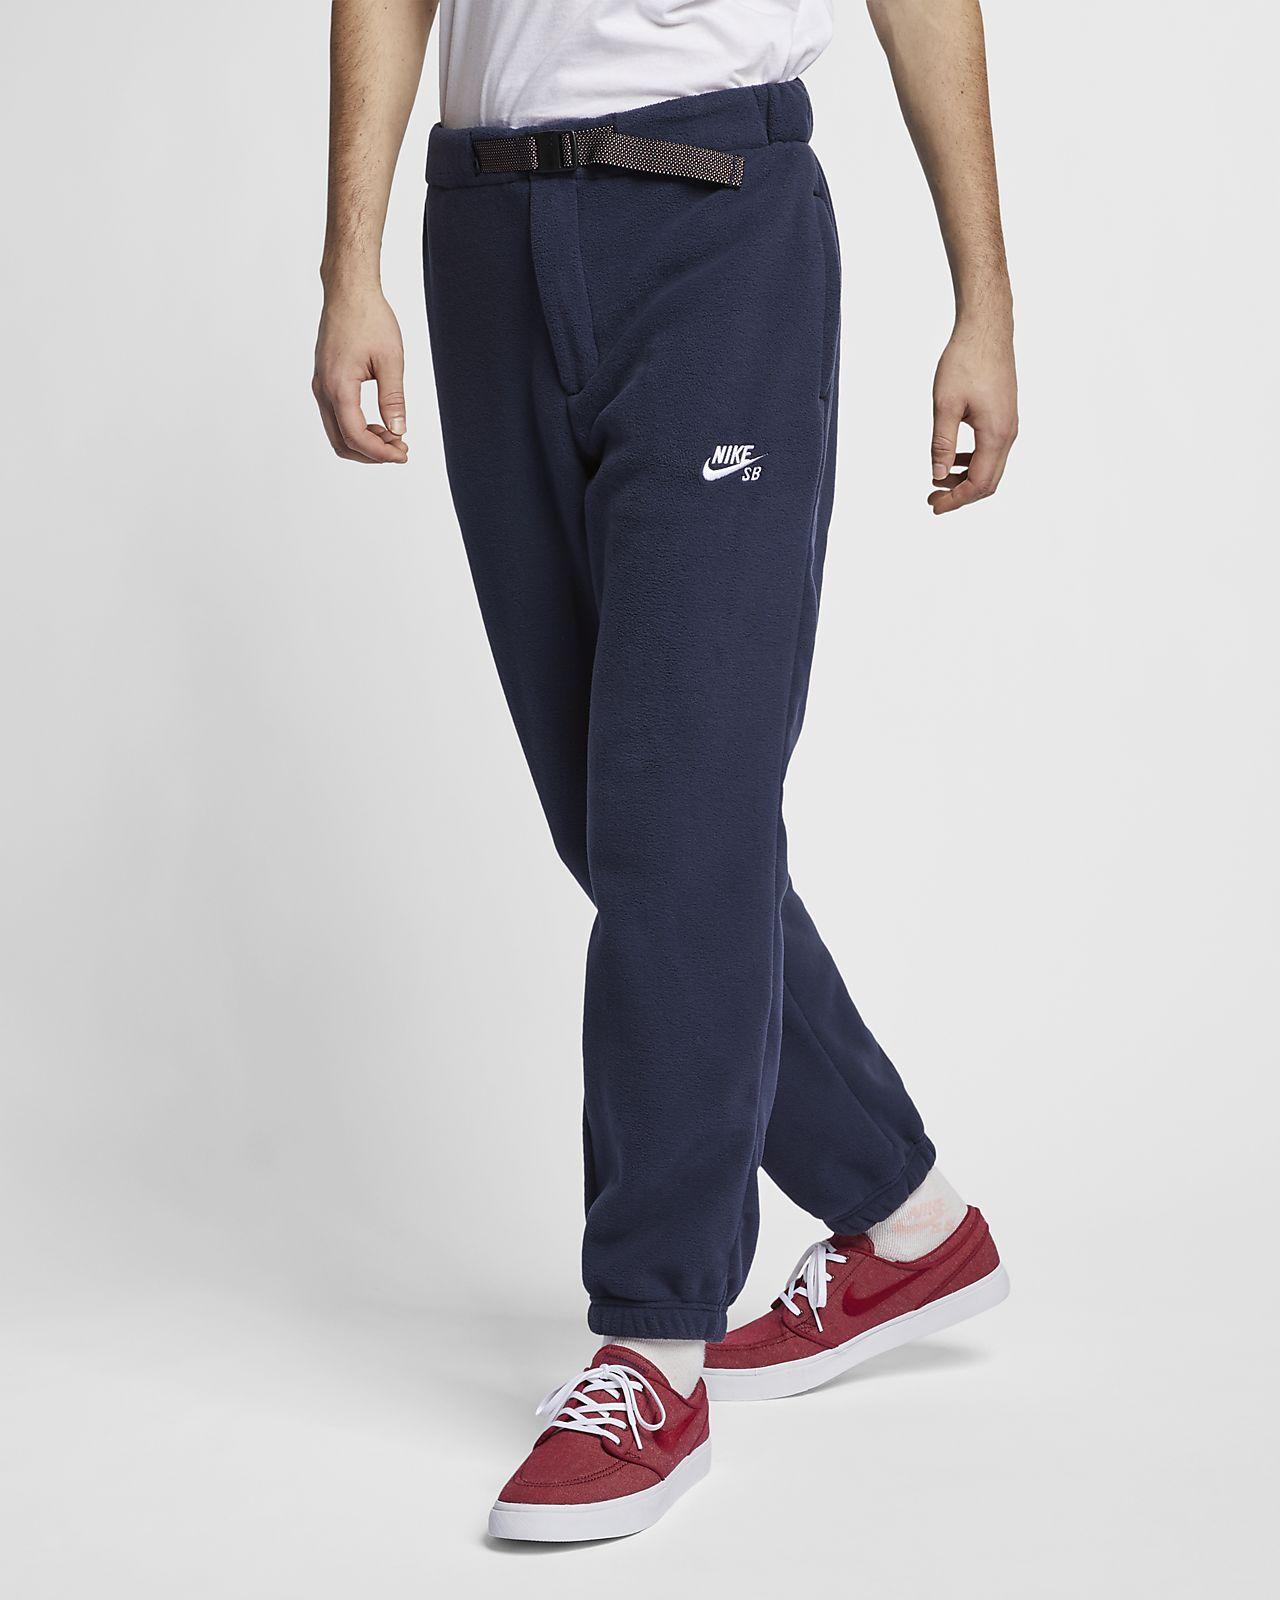 Calças de skateboard Nike SB para homem